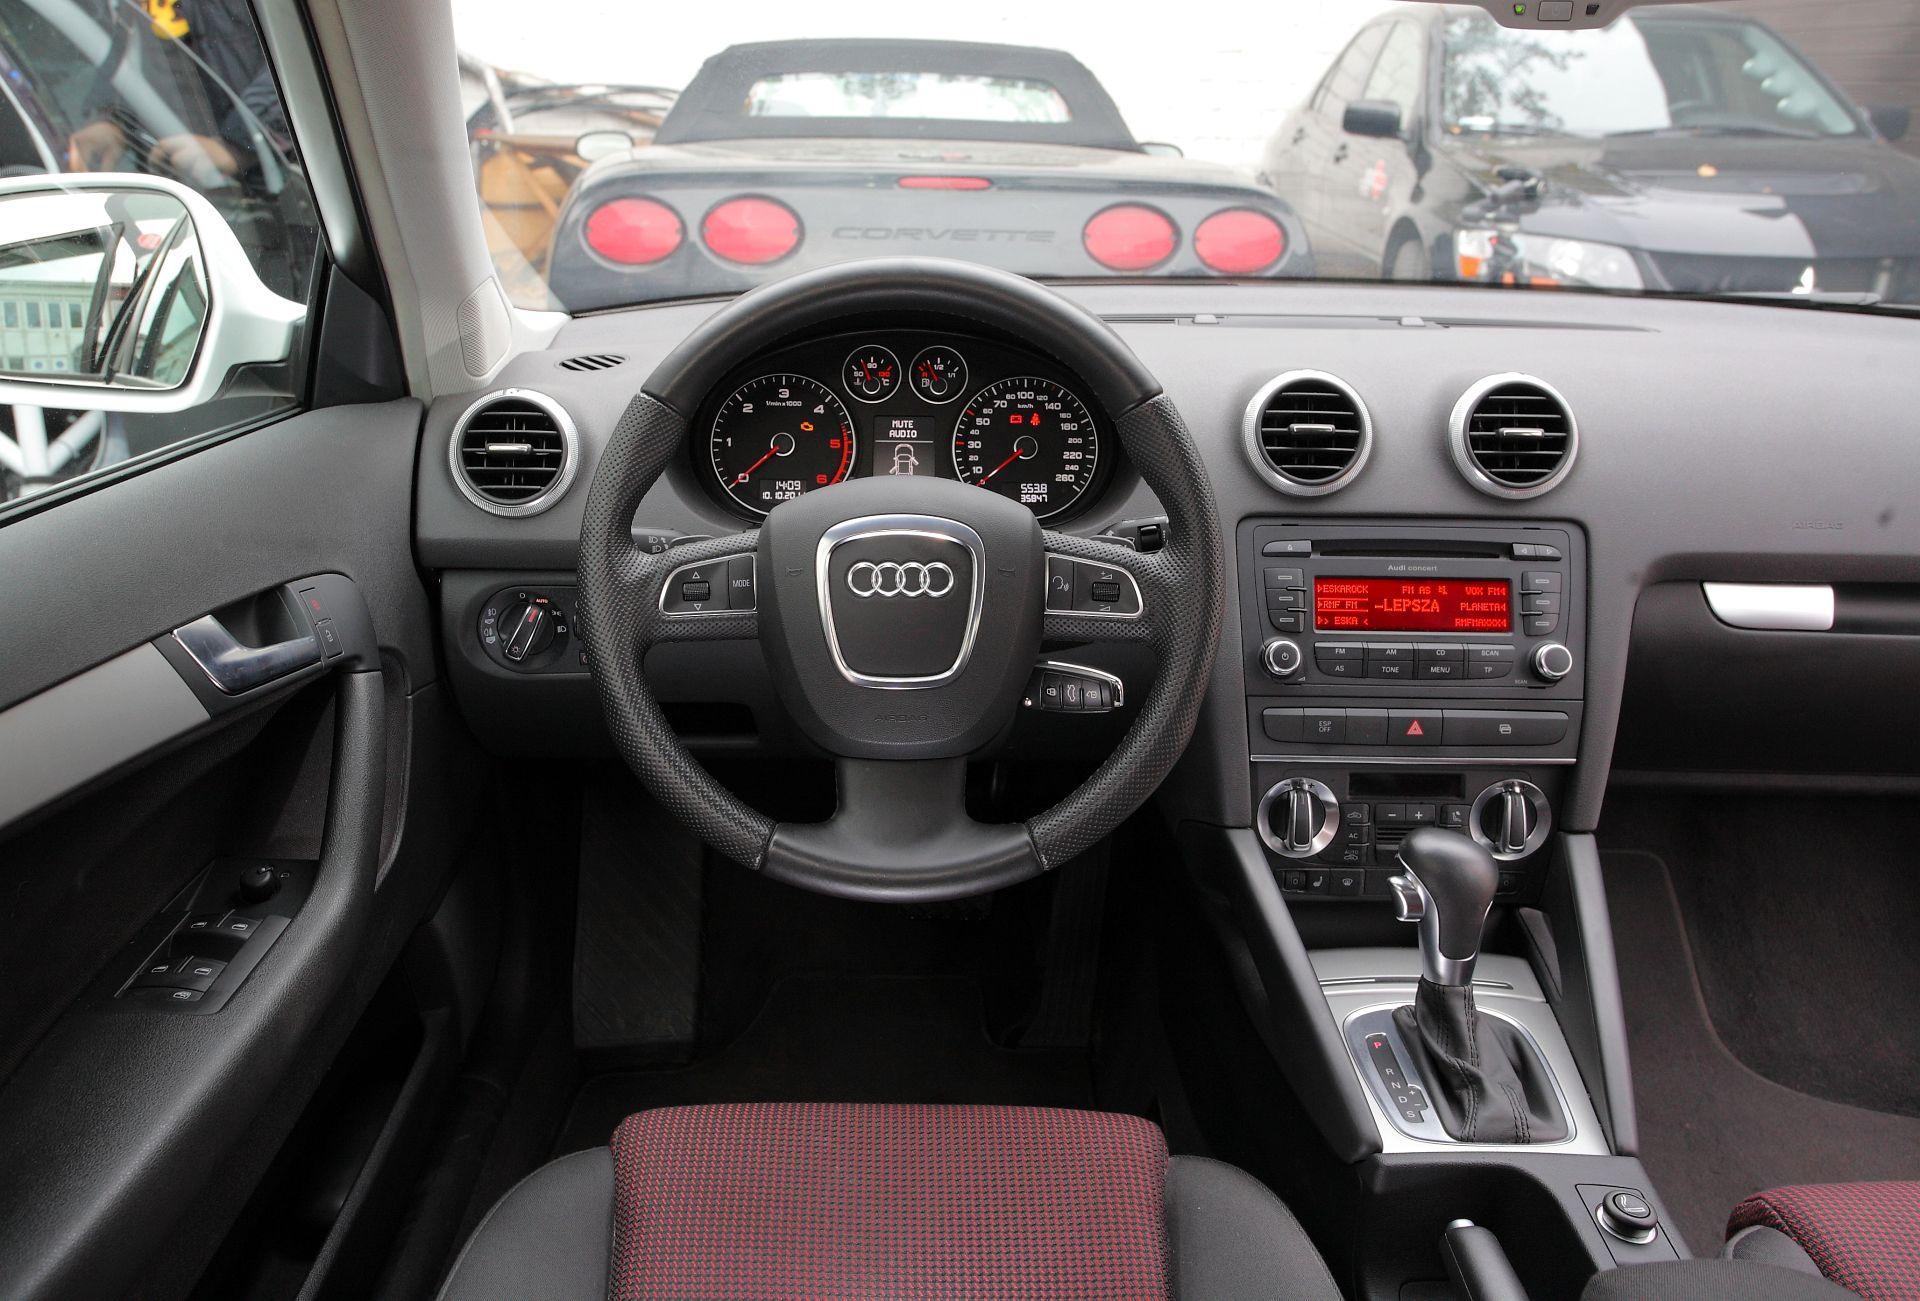 Uzywane Audi A3 Ii 8p 2003 2012 Opinie Spalanie Dane Techniczne Typowe Usterki